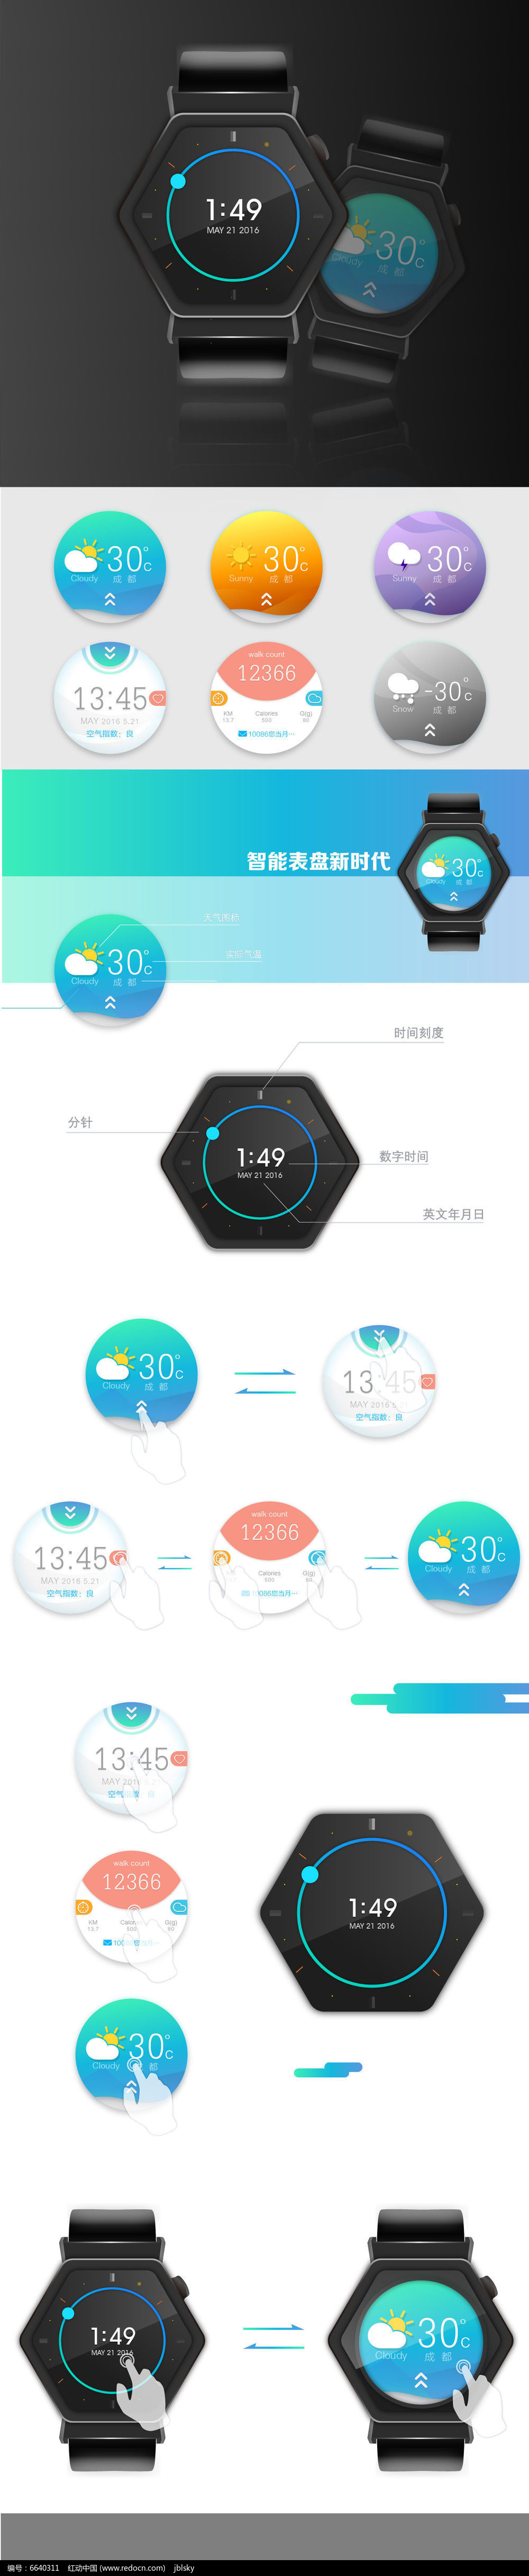 智能手表表盘UI界面设计图片